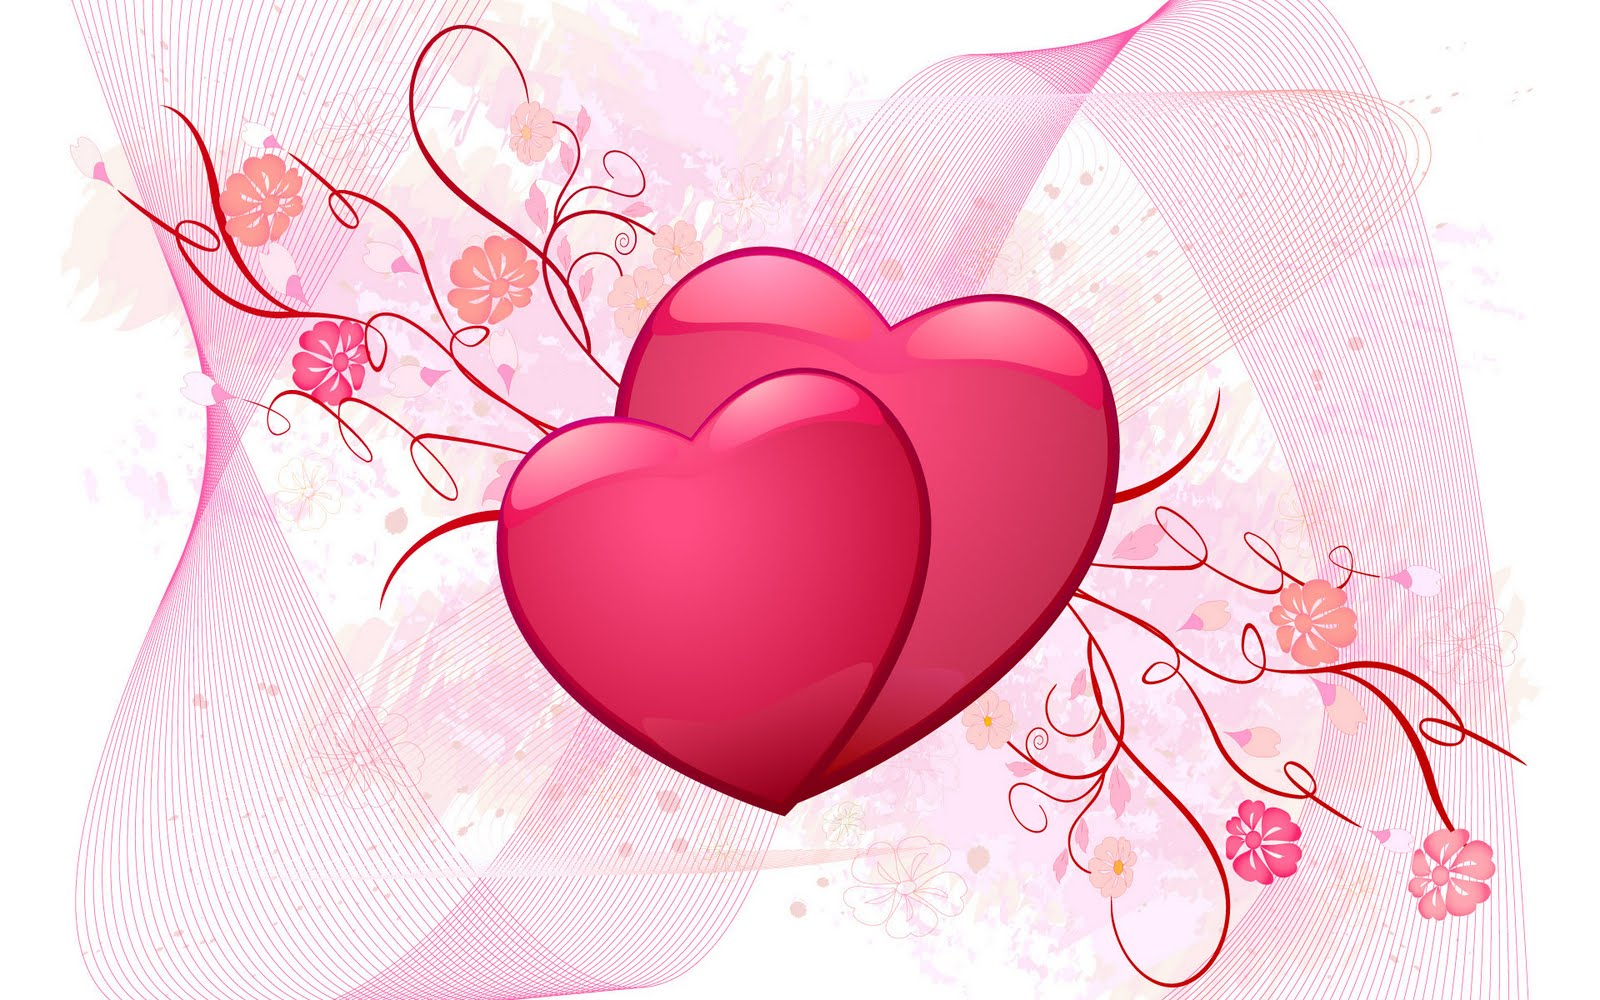 http://1.bp.blogspot.com/_r-aowbo7uYM/TAzdE54zLvI/AAAAAAAAABg/CTvVleXyQGU/s1600/Love-wallpaper-love-4187609-1920-1200.jpg